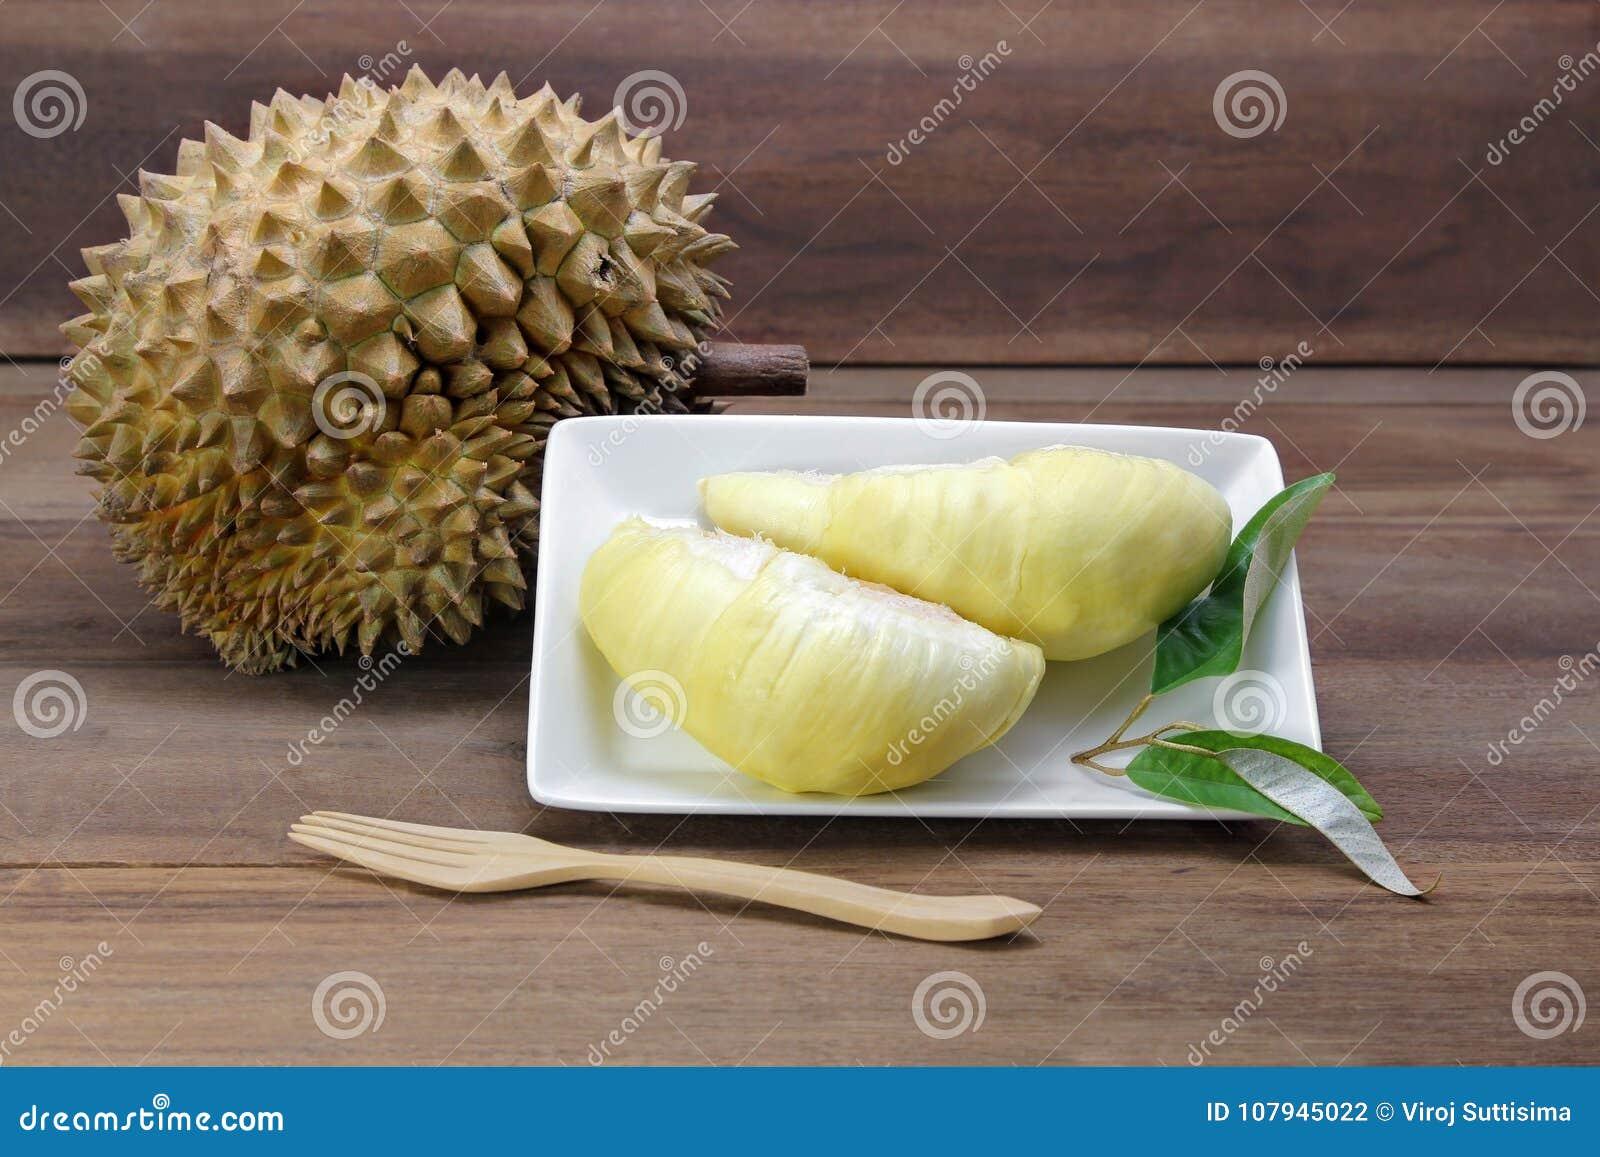 Durianfrüchte und gelber Fleisch Durian auf weißem Teller mit Durian treiben, hölzerner Hintergrund Blätter